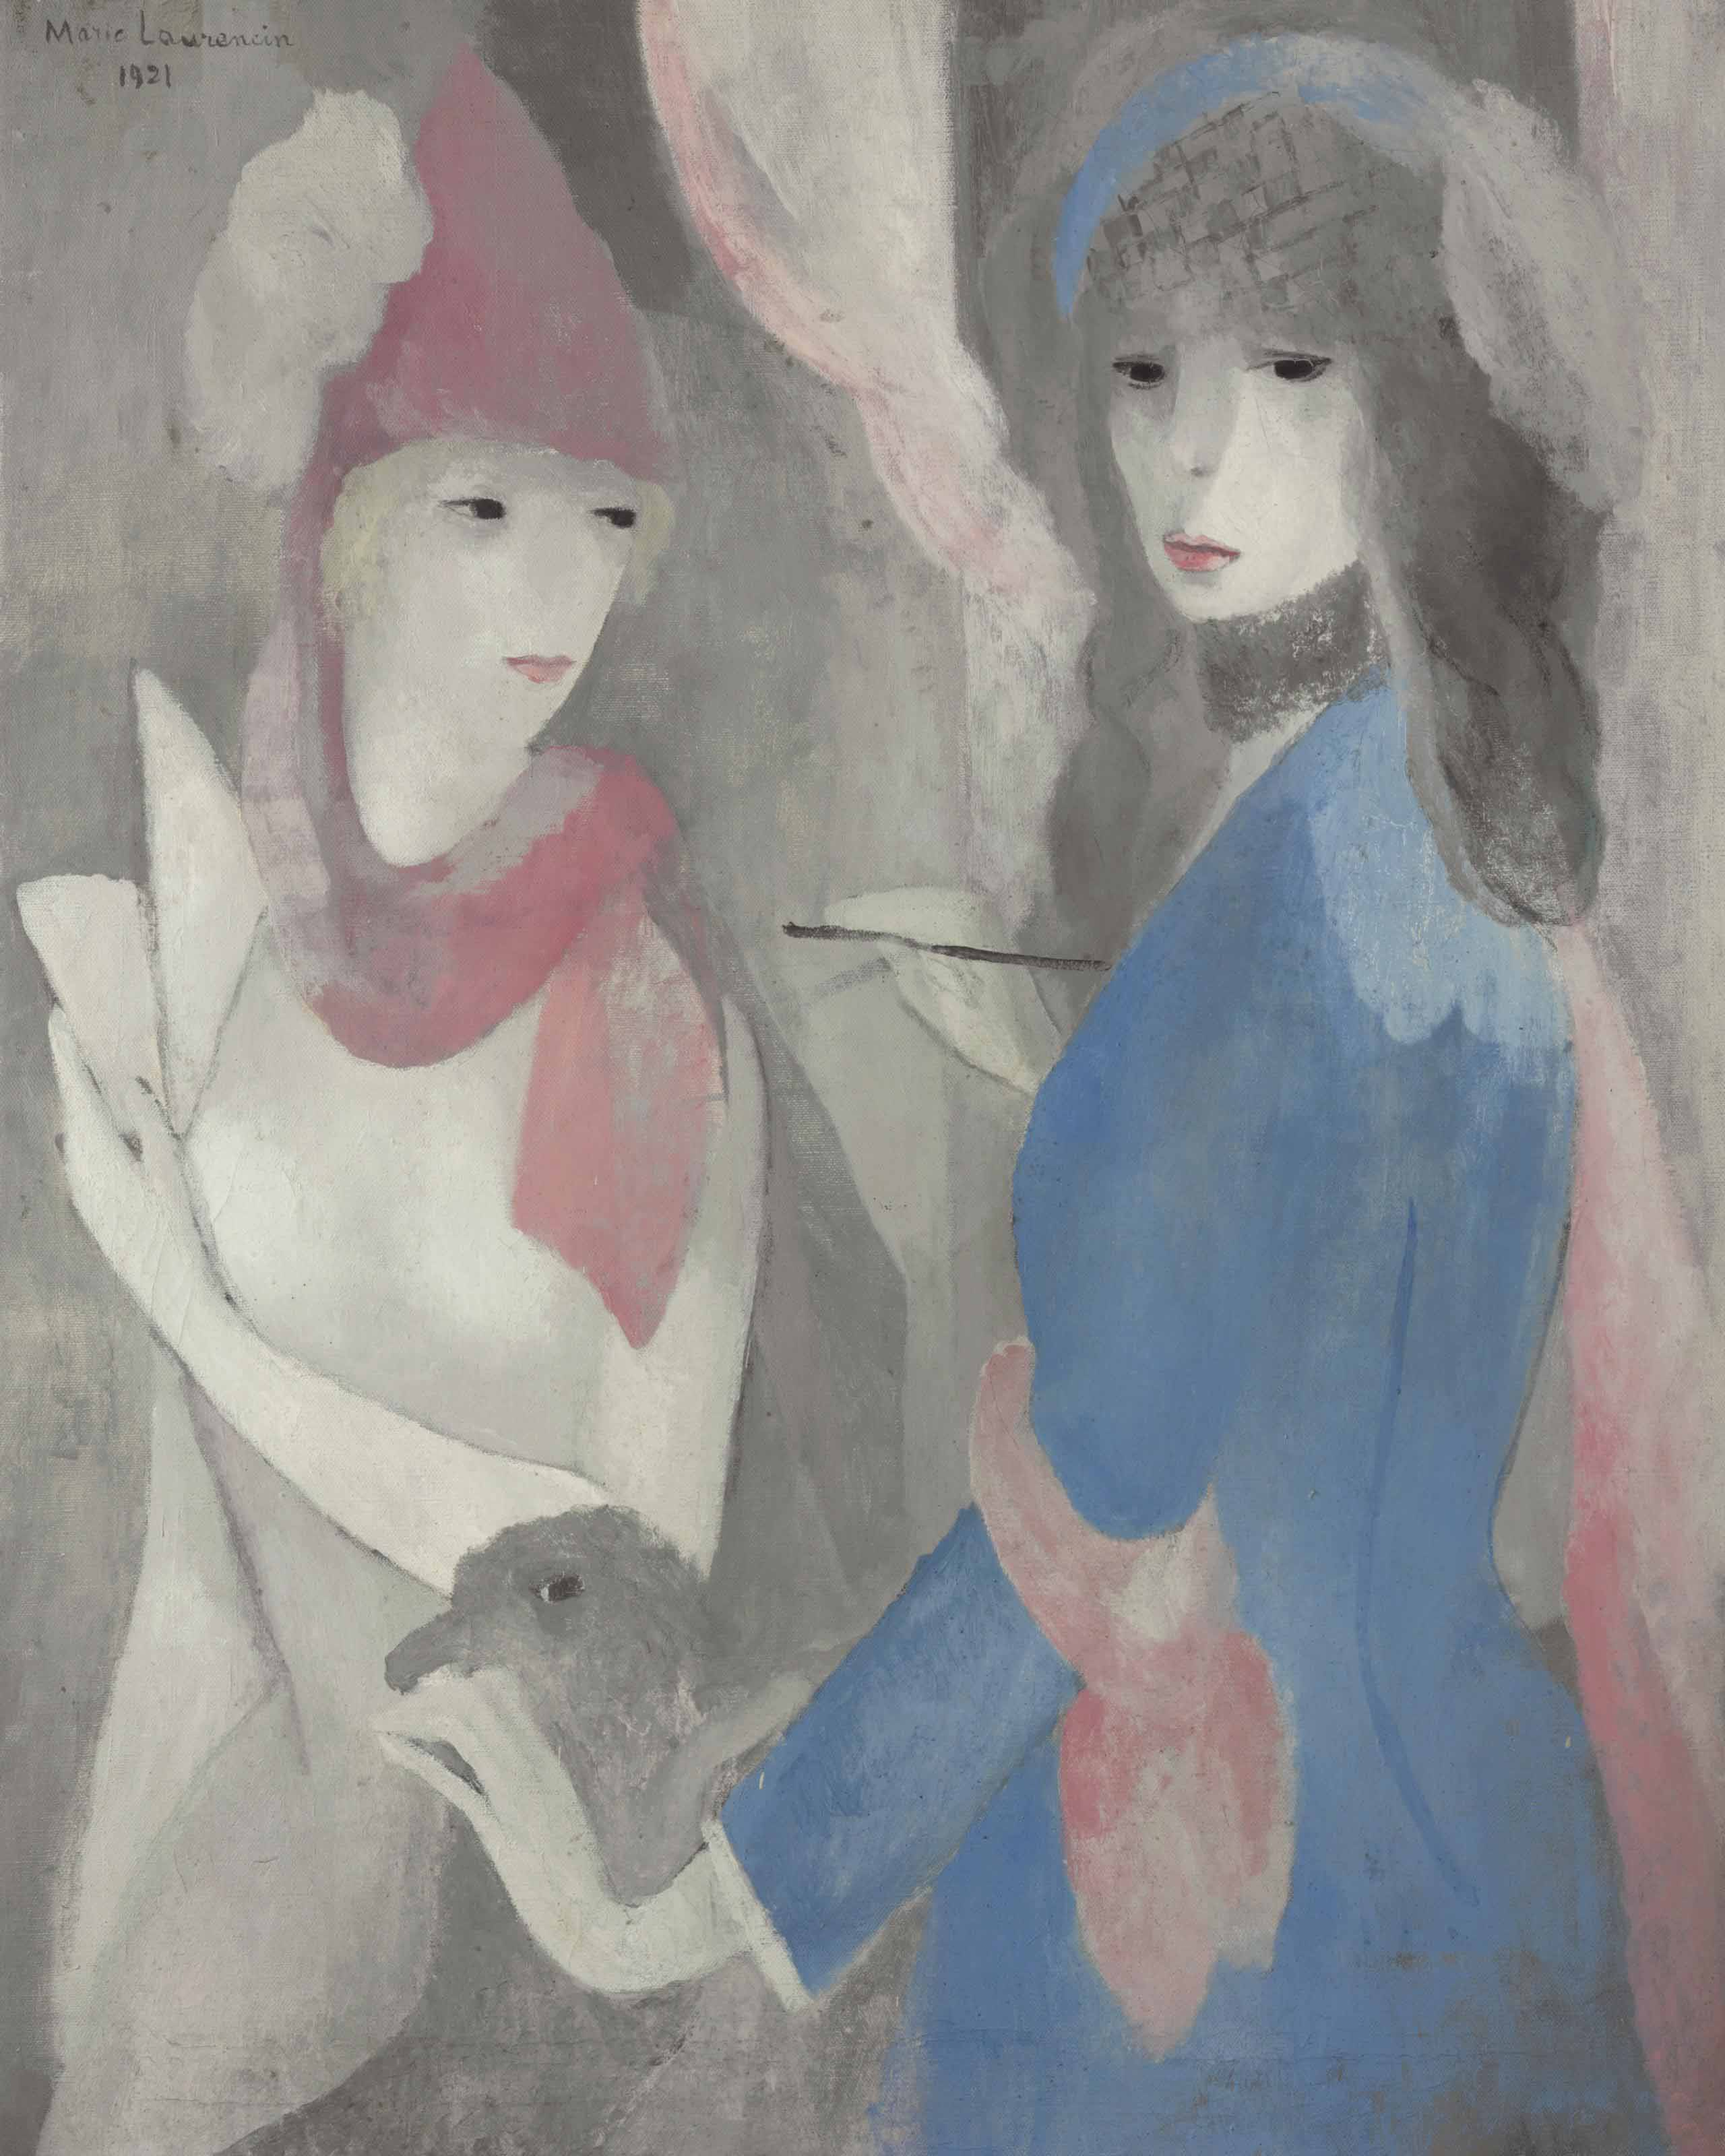 Femme peintre et son modèle